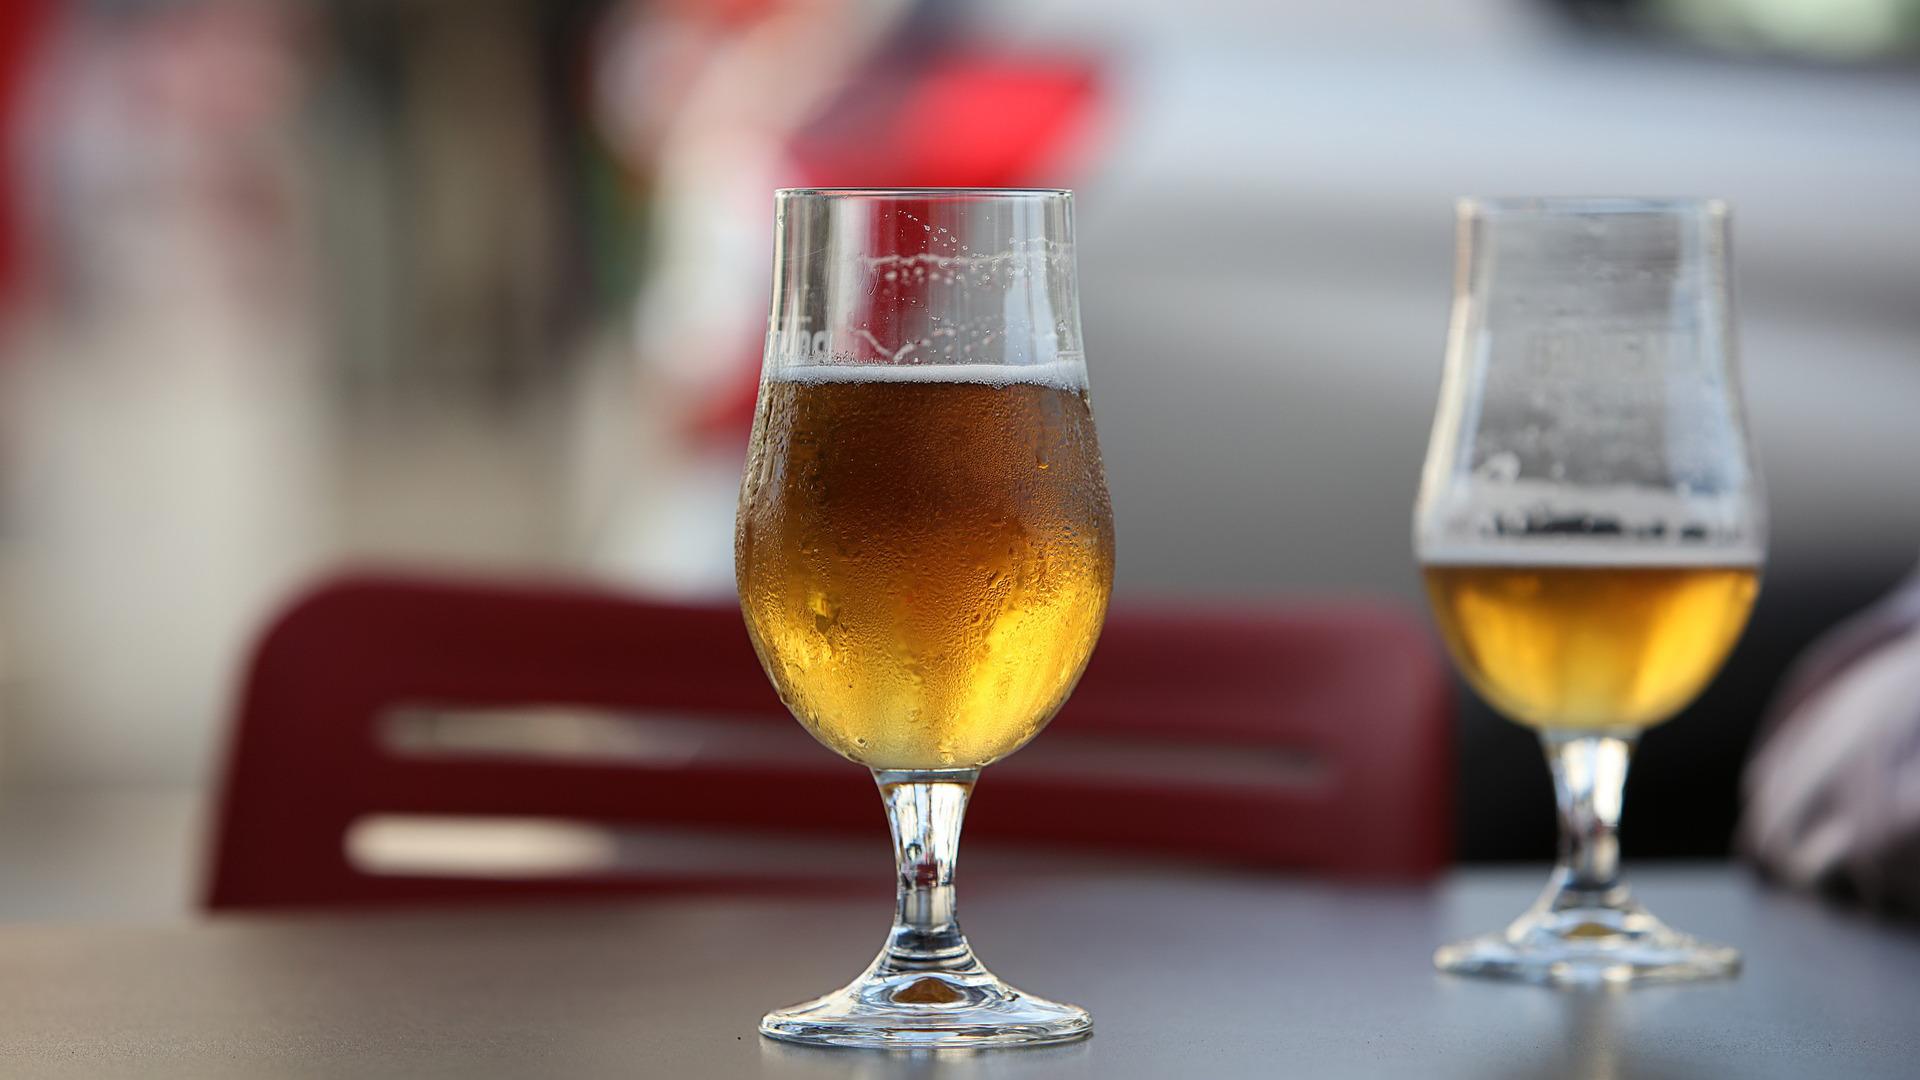 cerveza-la-bebida-que-mas-beneficios-da-a-los-locales-1920